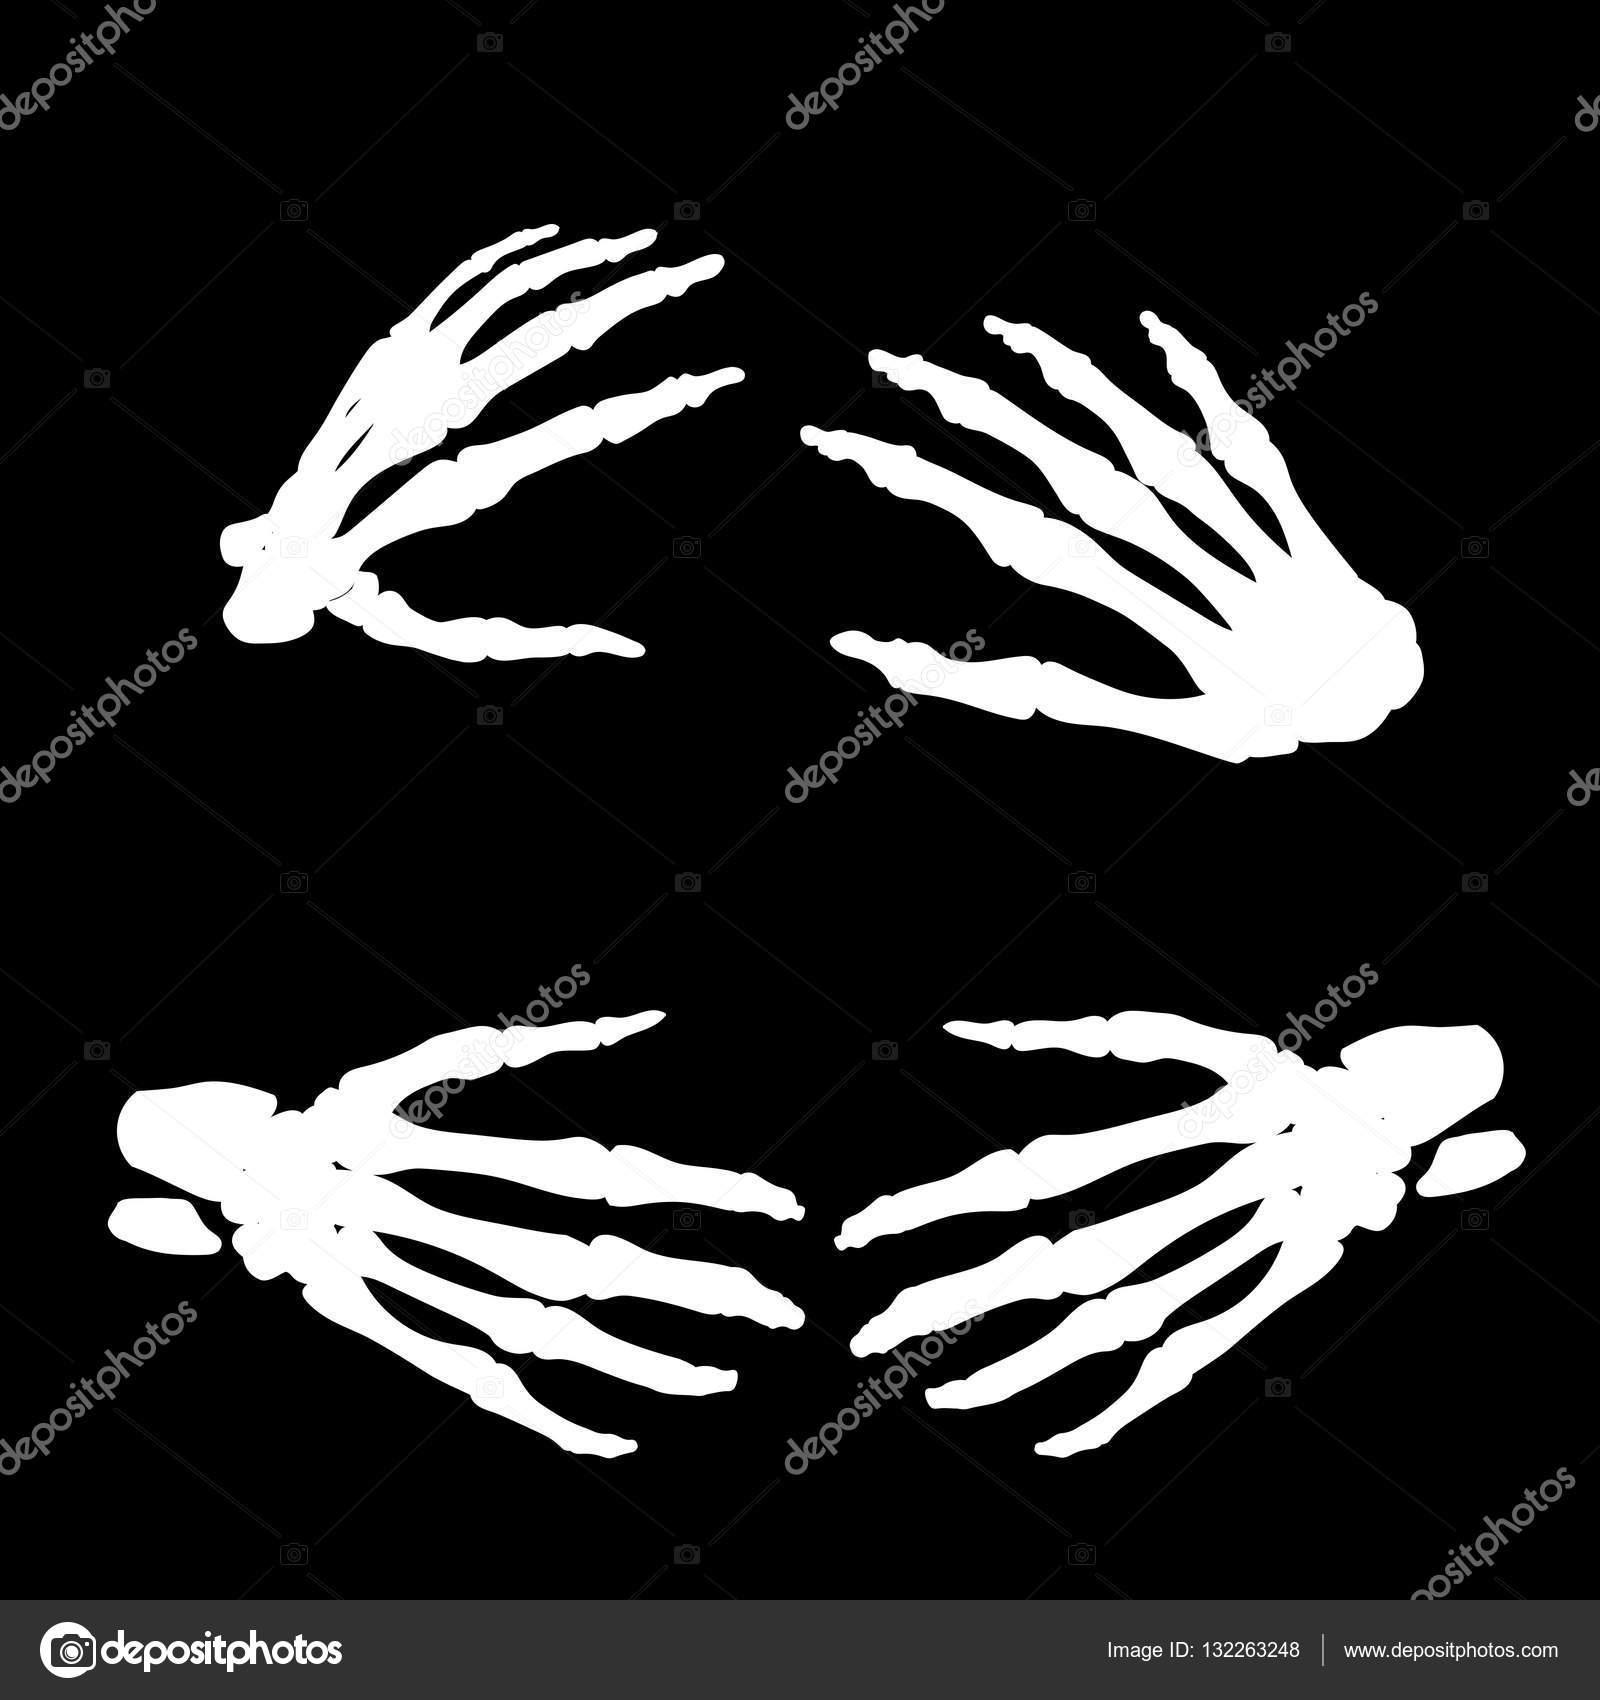 Anatomie der menschlichen Hand Knochen isoliert Vektor-Illustration ...